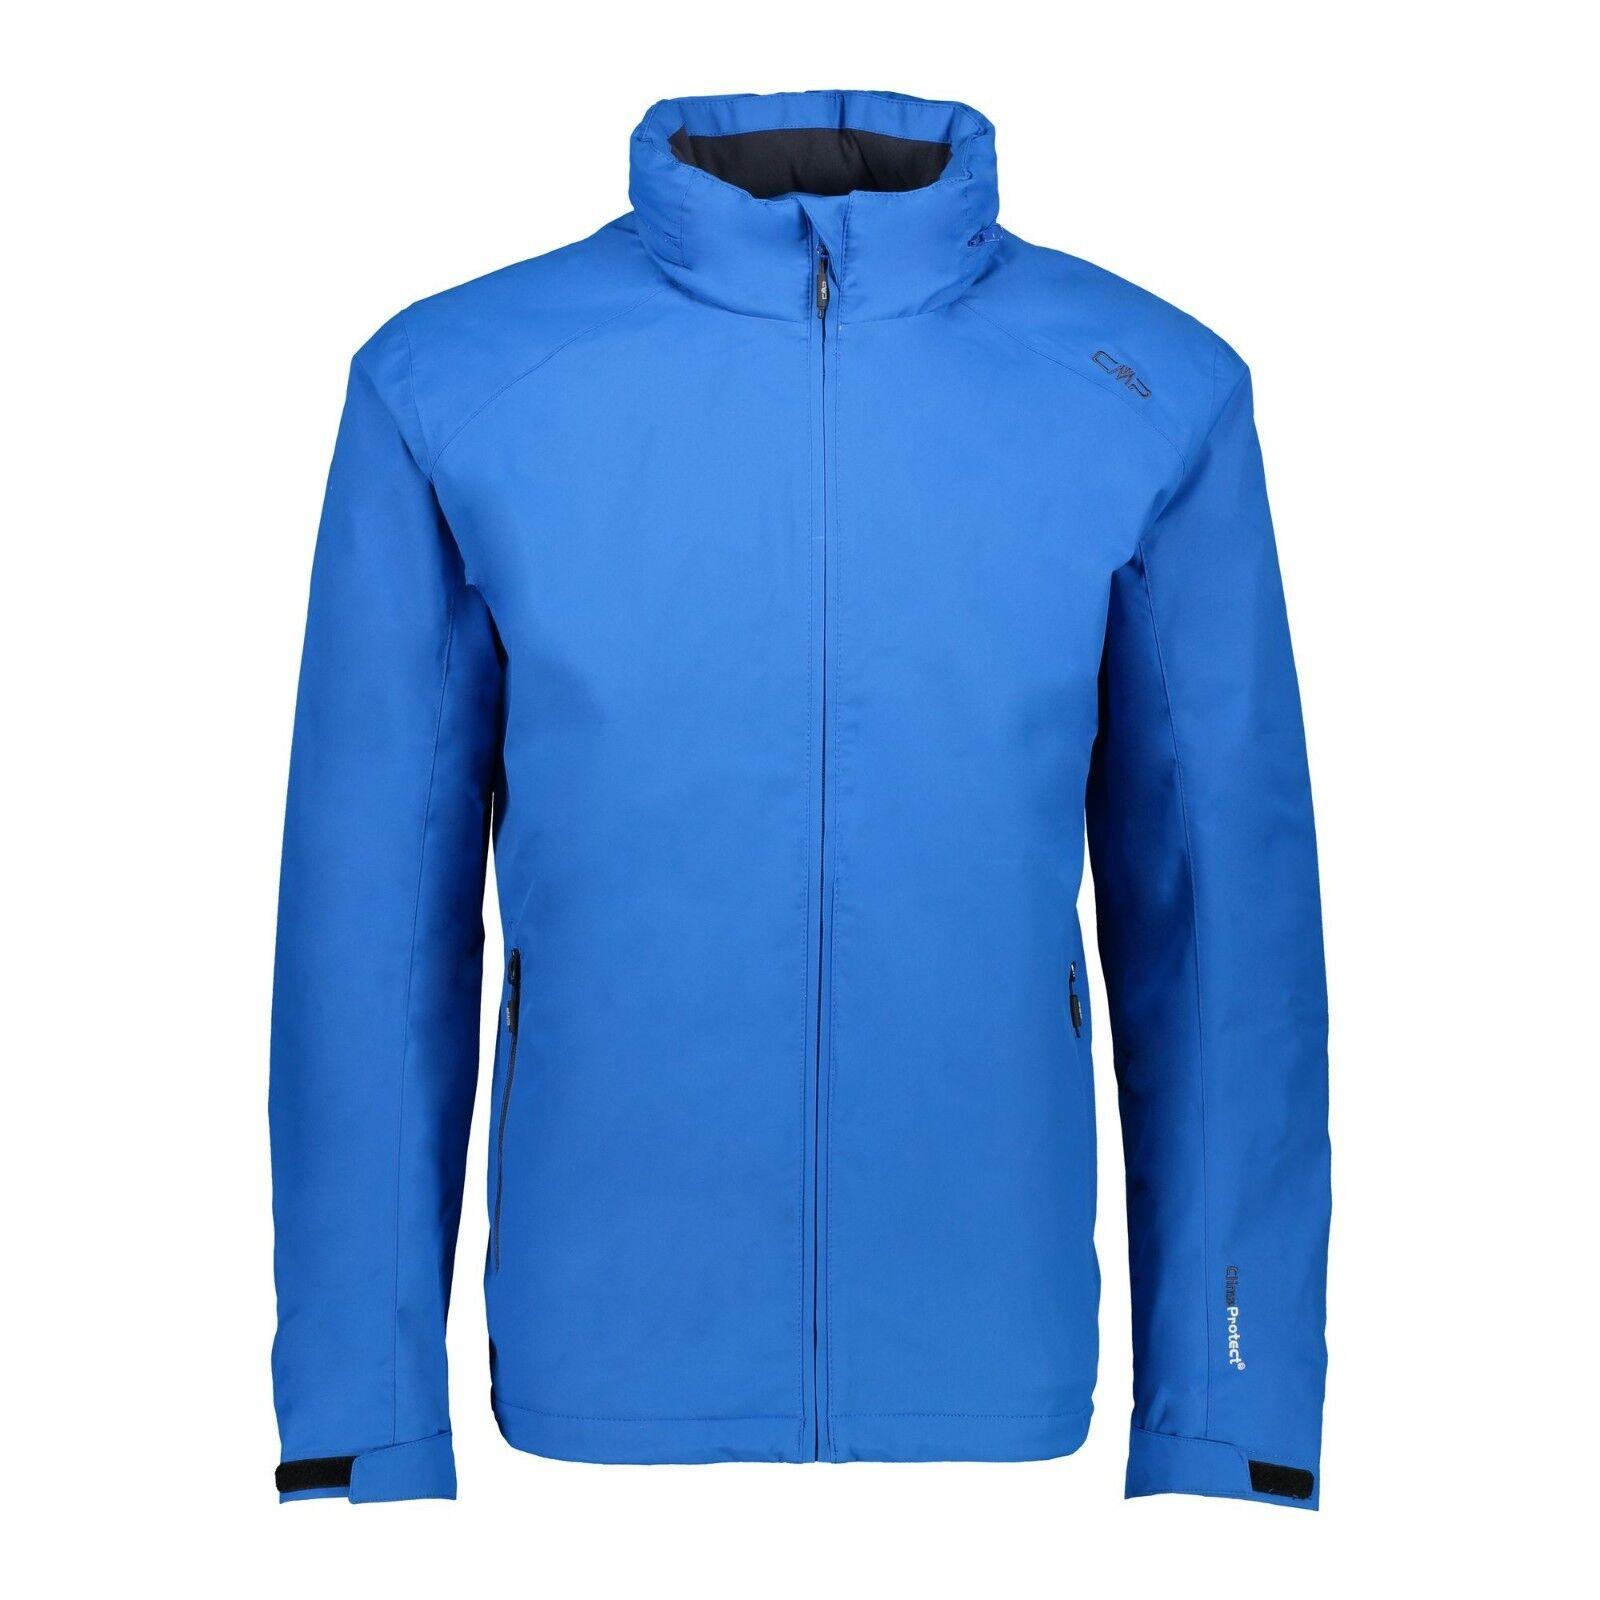 CMP Jacke 3Z31147 Man Fix Hood Jacket Outdoorjacke Regenjacke Wanderjacke blau